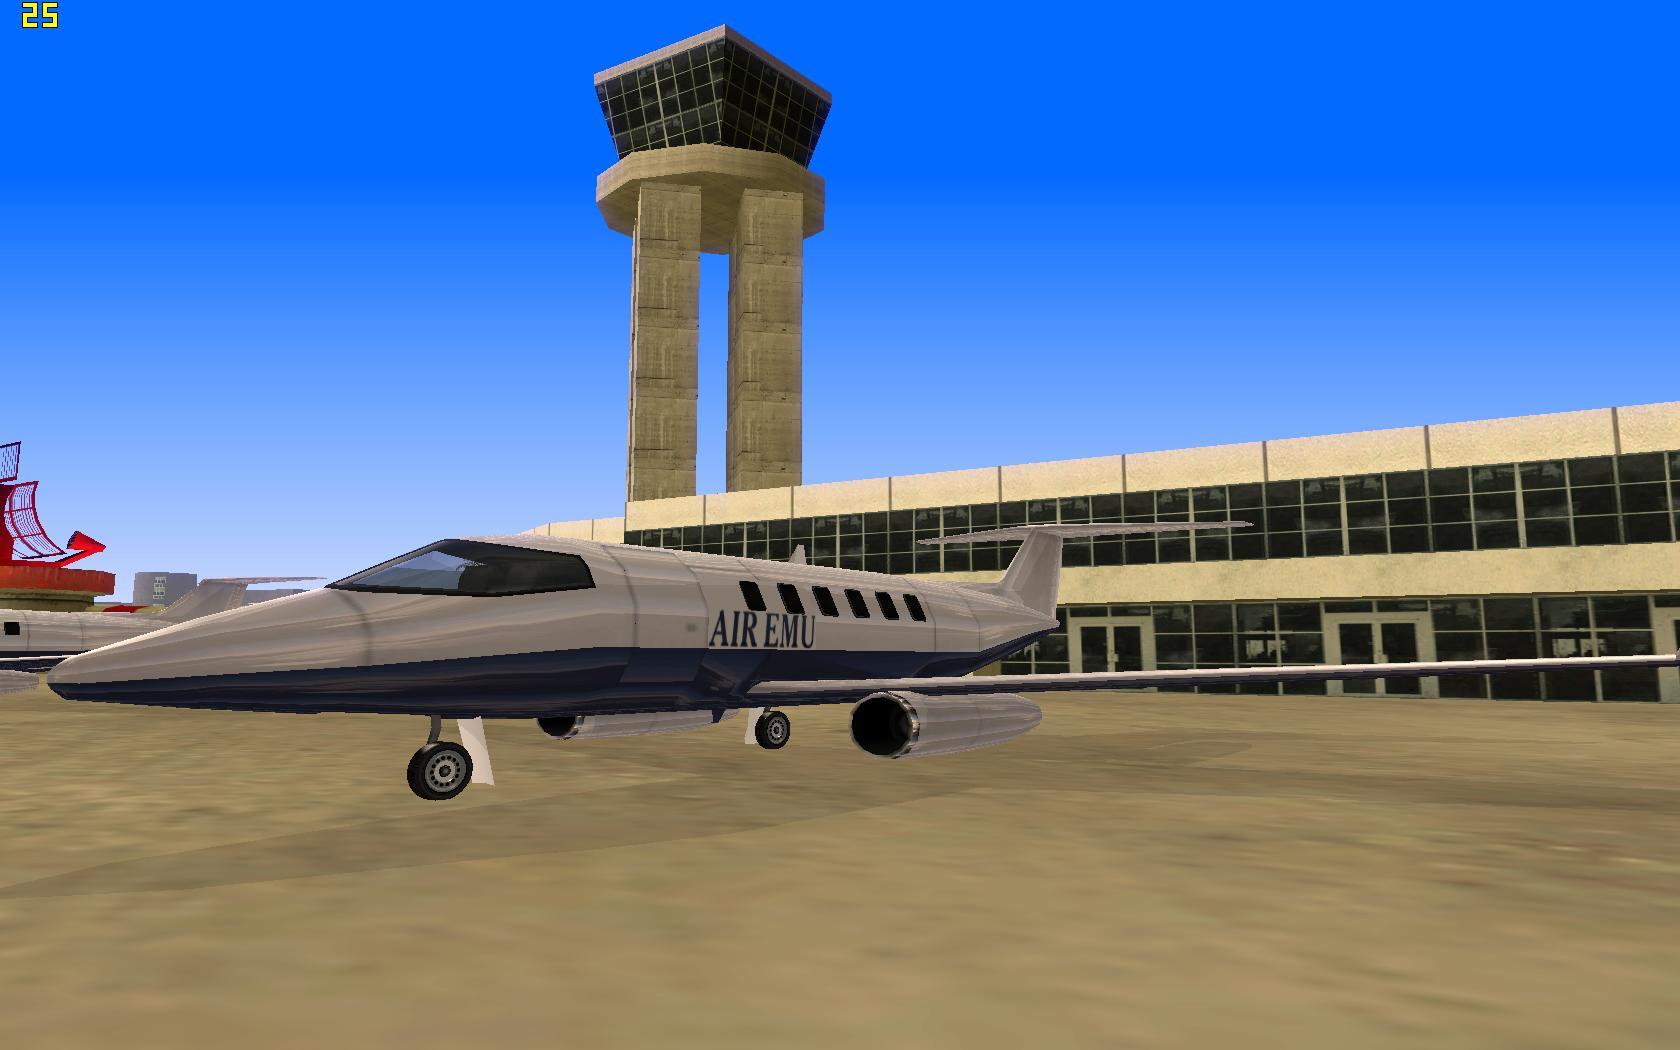 Самолет боинг бизнес класс фото многообразное существование